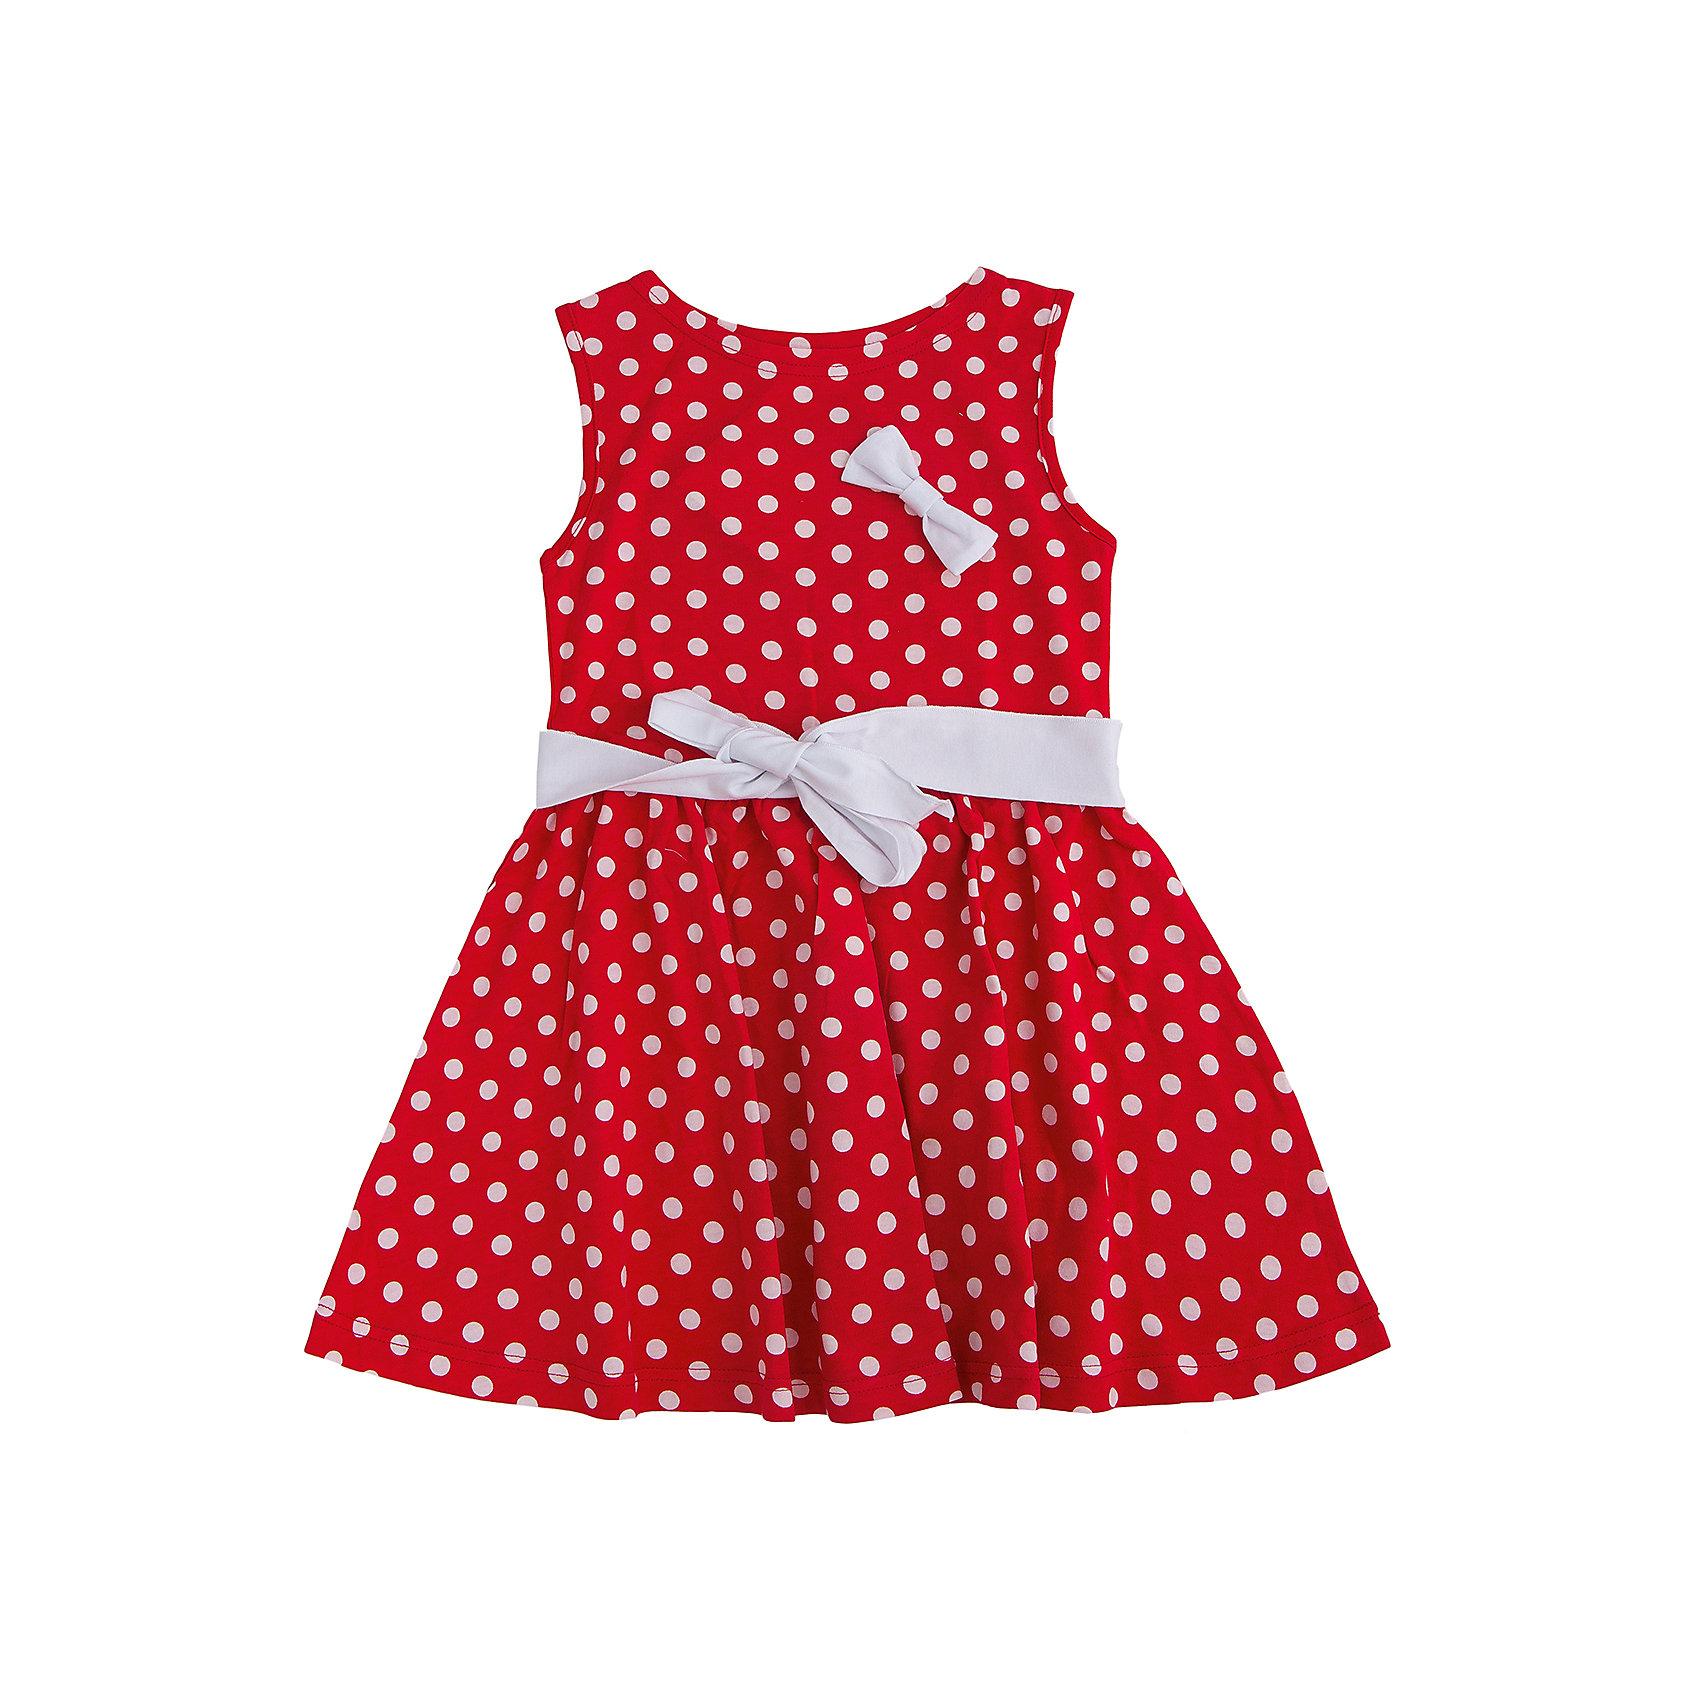 Платье АпрельПлатья и сарафаны<br>Вас волнует как летом  буде выглядеть Ваша дочь ? Купите  ей платье в горошек и она будет блистать и в садике на утреннике и на прогулке. Красивое сочетание черный горох на белом фоне. Черный горох  на белом фоне – это уникальное сочетание. К белому платью  в черный горох как, нельзя, кстати, подойдут красные дополнения: пояс и брошь.<br><br>Дополнительная информация: <br><br>- вырез горловины: округлый вырез<br>- декоративные элементы: банты<br>- длина рукава: без рукавов<br>- длина изделия: по спинке: 56 см<br>- ширина рукава: пройма: 17 см<br>- вид застежки: без застежки<br>- особенности ткани: мягкая<br>- рукав: ширина проймы: 15 см<br>- материал подкладки: без подкладки: 100 %<br>- сезон: лето<br>- пол: девочки<br>- фирма-производитель: Апрель<br>- страна производитель: Россия<br>- комплектация: пояс, брошь, платье<br>- цвет: белый, черный, красный<br><br>Платье  от торговой марки Апрель можно купить в нашем интернет-магазине.<br><br>Ширина мм: 236<br>Глубина мм: 16<br>Высота мм: 184<br>Вес г: 177<br>Цвет: красно-белый<br>Возраст от месяцев: 72<br>Возраст до месяцев: 84<br>Пол: Женский<br>Возраст: Детский<br>Размер: 122,134,110,104,128,116,98,140<br>SKU: 4630515